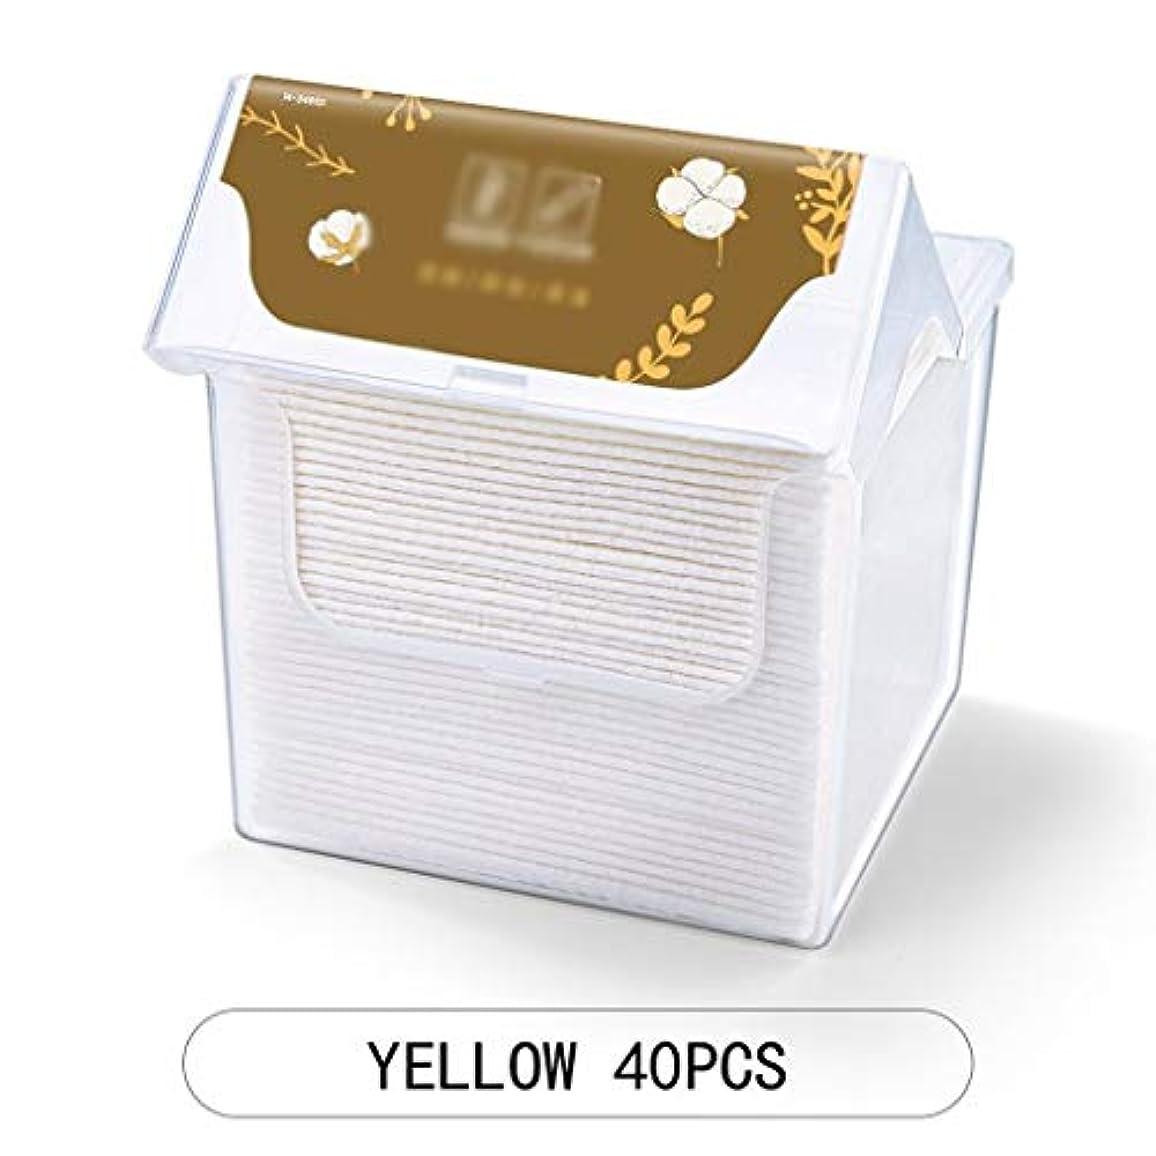 対応店員クッションクレンジングシート 柔らかい綿のティッシュメイクアップワイプ多目的フェイスクリーニングフェイスクロスコットンパッドメイクアップ取り外し家庭用クリーニング (Color : Green)